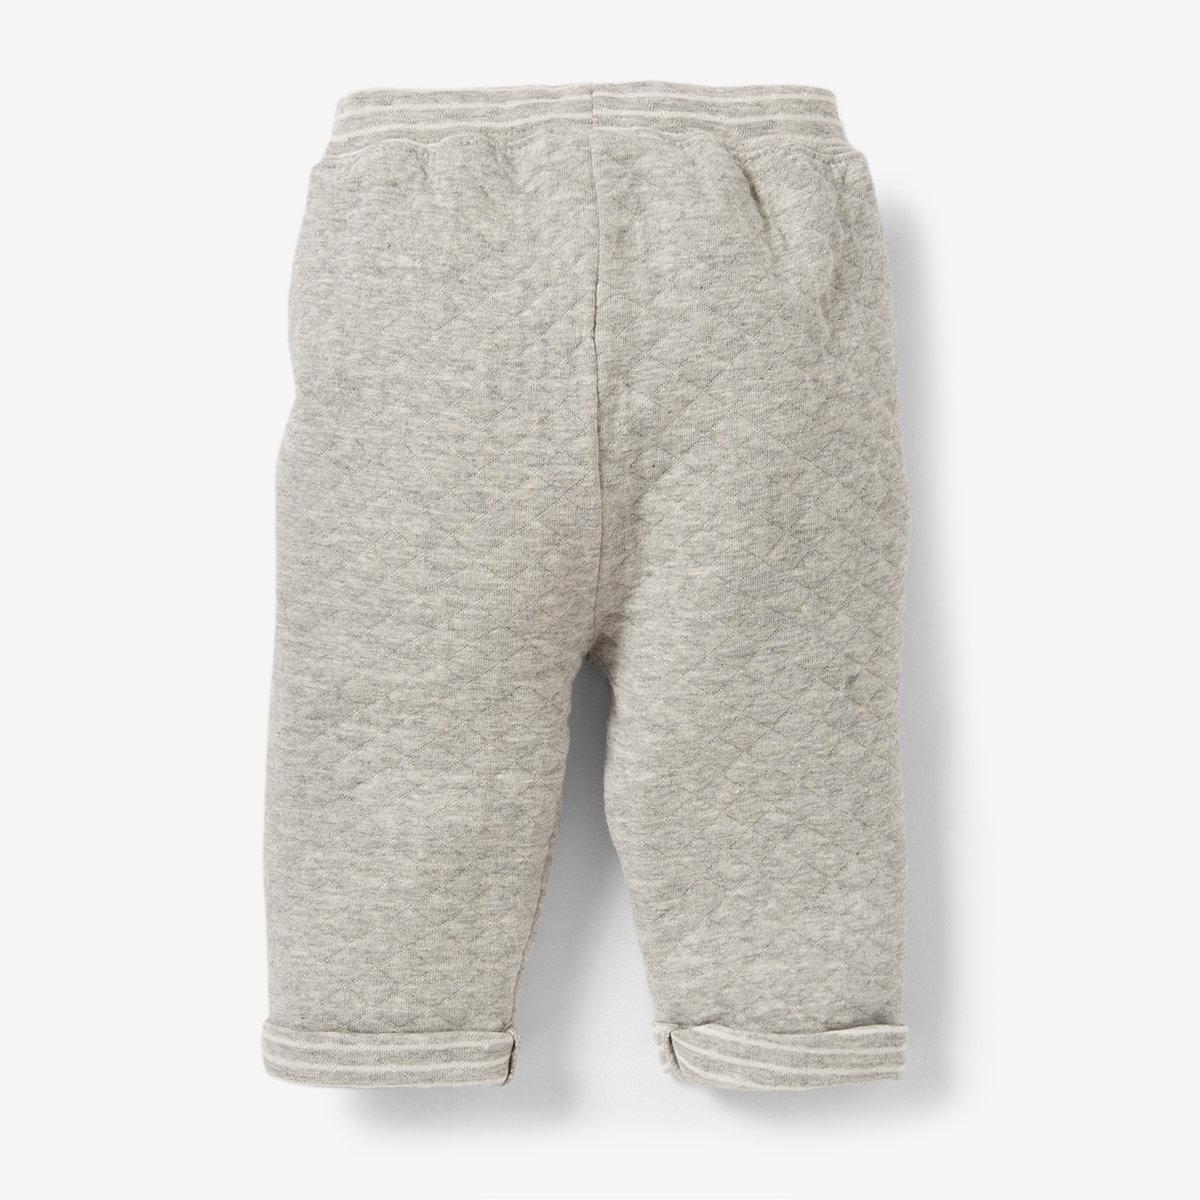 Спортивные брюки, 0 месяцев-2 годаСпортивные брюки из фантазийного мольтона, 85% хлопка, 15% полиэстера. Идеальны для вашего маленького непоседы, не сковывают в движении. Эластичный пояс с завязками. 2 ложных кармана спереди . Низ брючин с отворотами.<br><br>Цвет: белый/серый меланж<br>Размер: 0 мес. - 50 см.1 мес. - 54 см.3 мес. - 60 см.6 мес. - 67 см.1 год - 74 см.18 мес. - 81 см